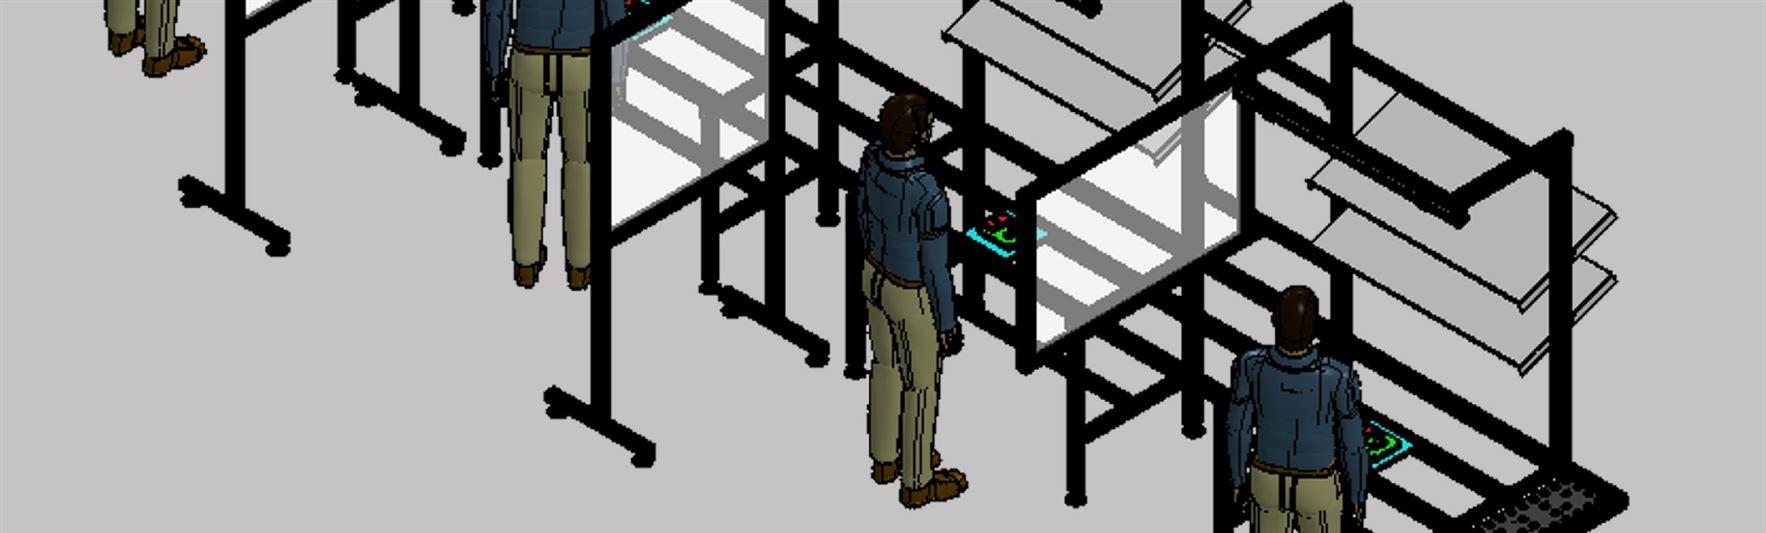 Fase2: BPR fornisce protezioni per linee produttive e uffici